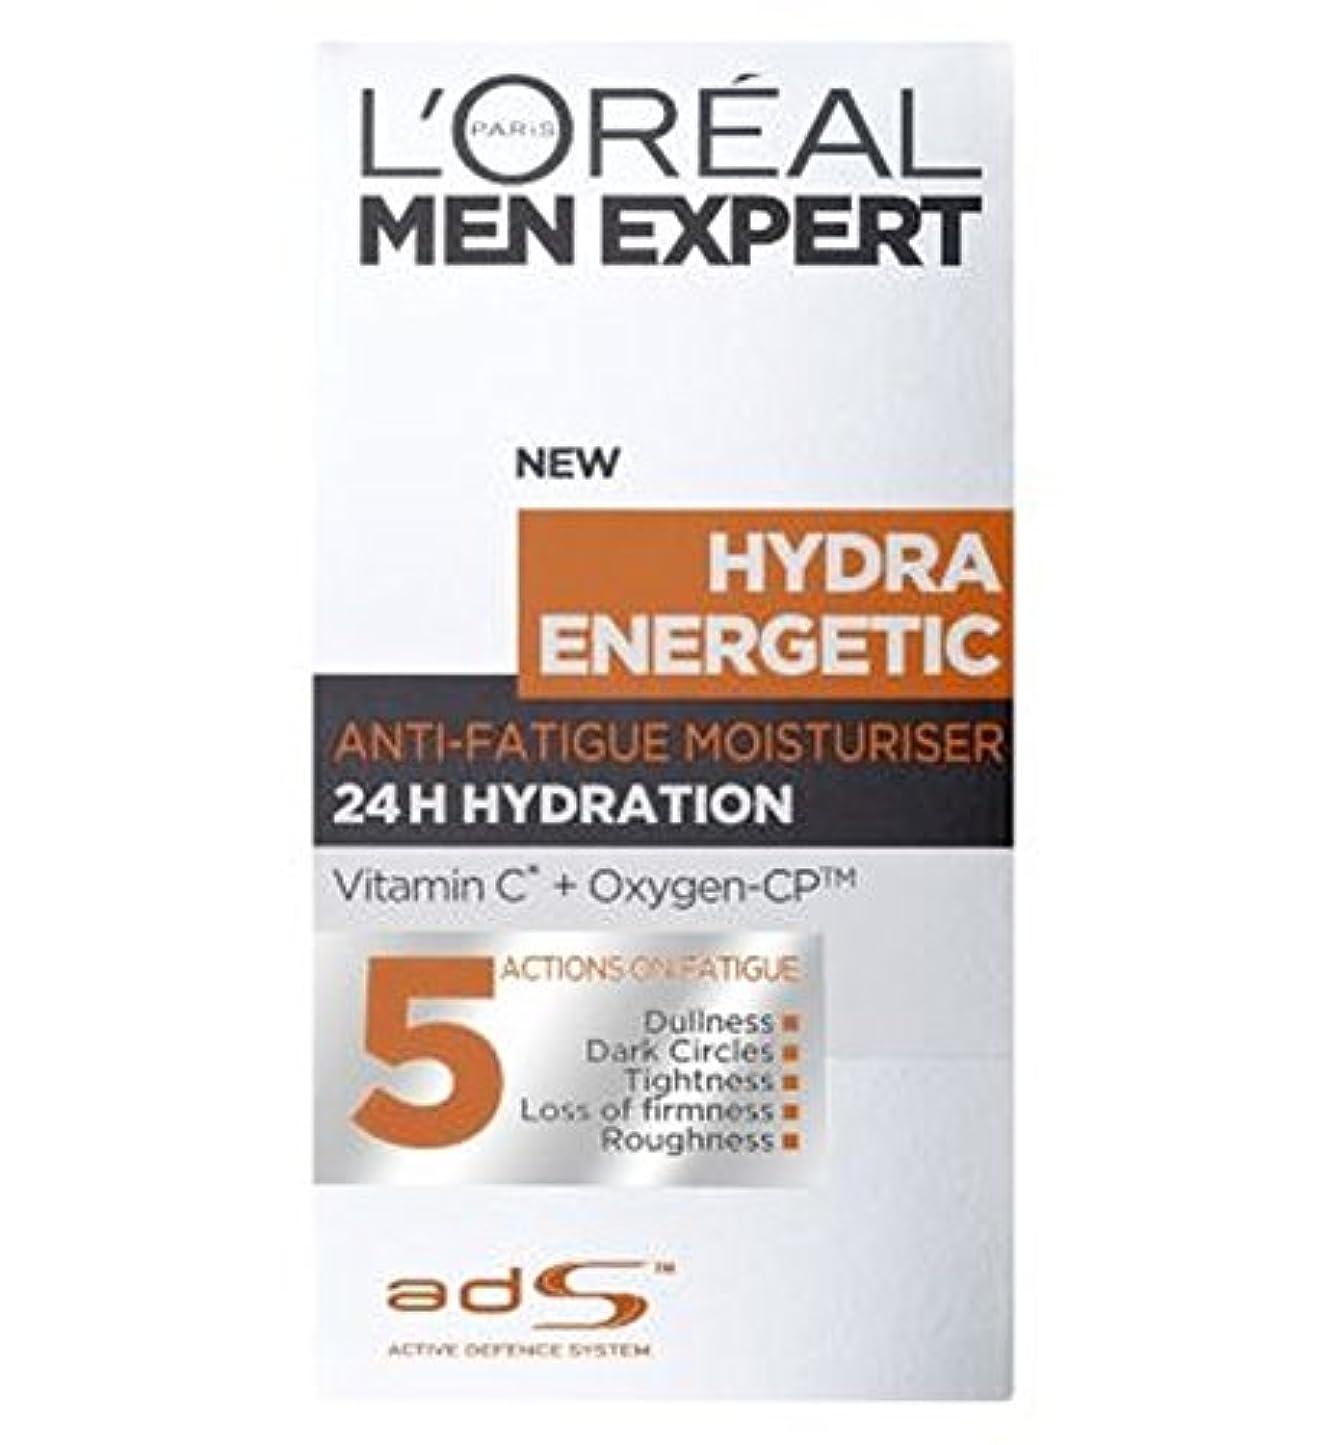 オートマトンおばさんどちらもロレアルの男性の専門家ヒドラエネルギッシュな毎日の保湿クリーム50Ml (L'Oreal) (x2) - L'Oreal Men Expert Hydra Energetic Daily Moisturiser 50ml...